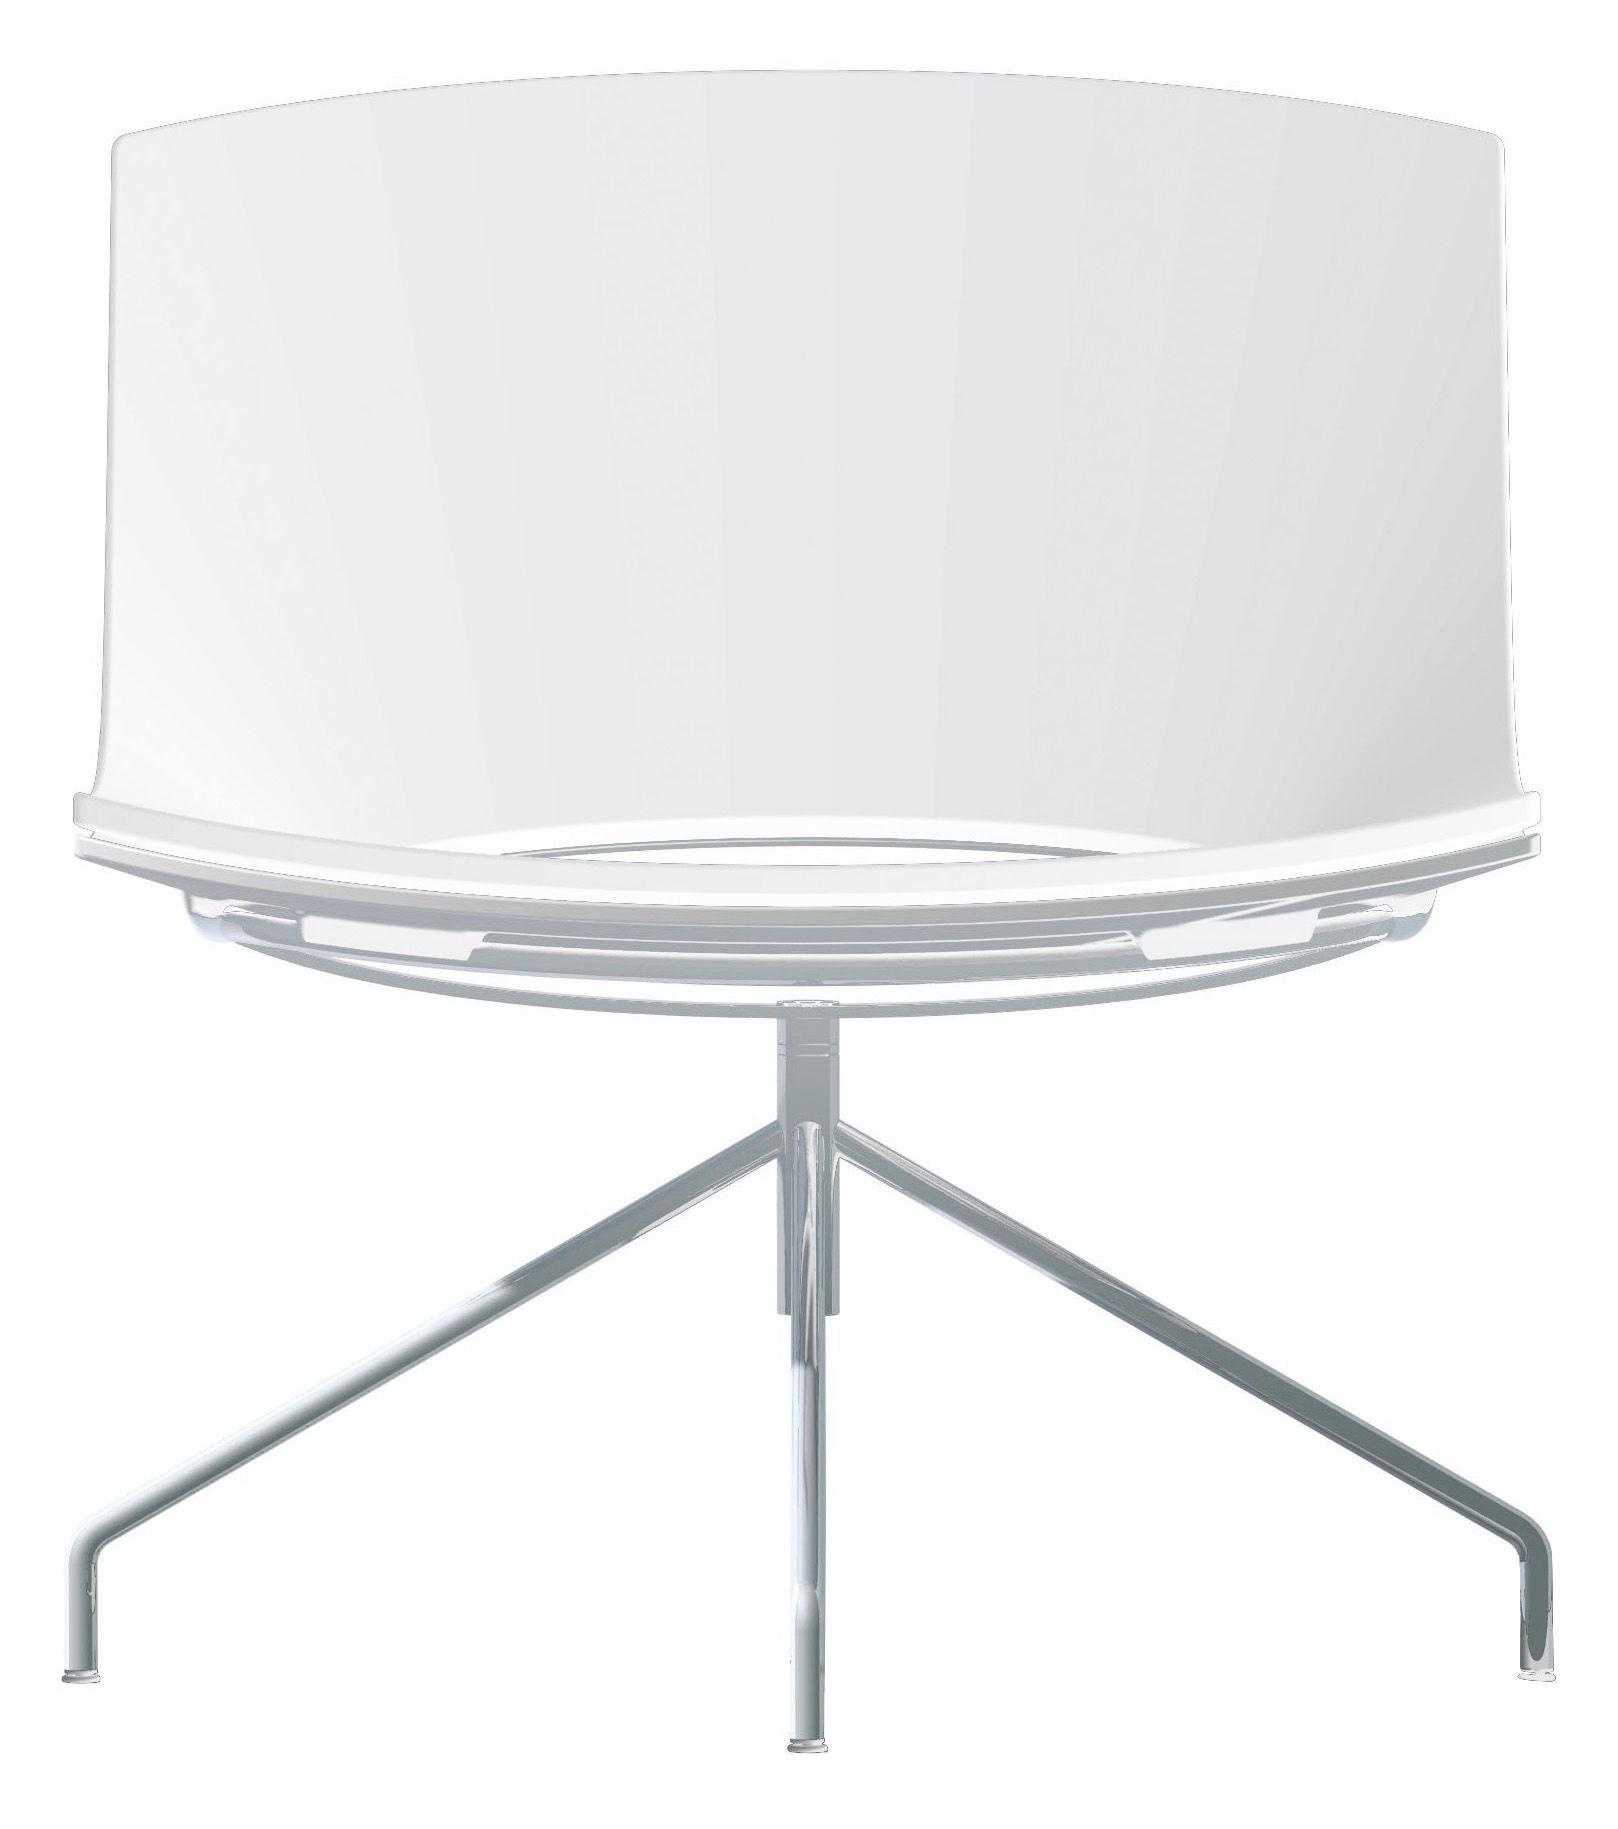 Arredamento - Poltrone design  - Poltrona girevole Oh! - 4 piedi di Enea - Bianco - Acciaio laccato, Polipropilene